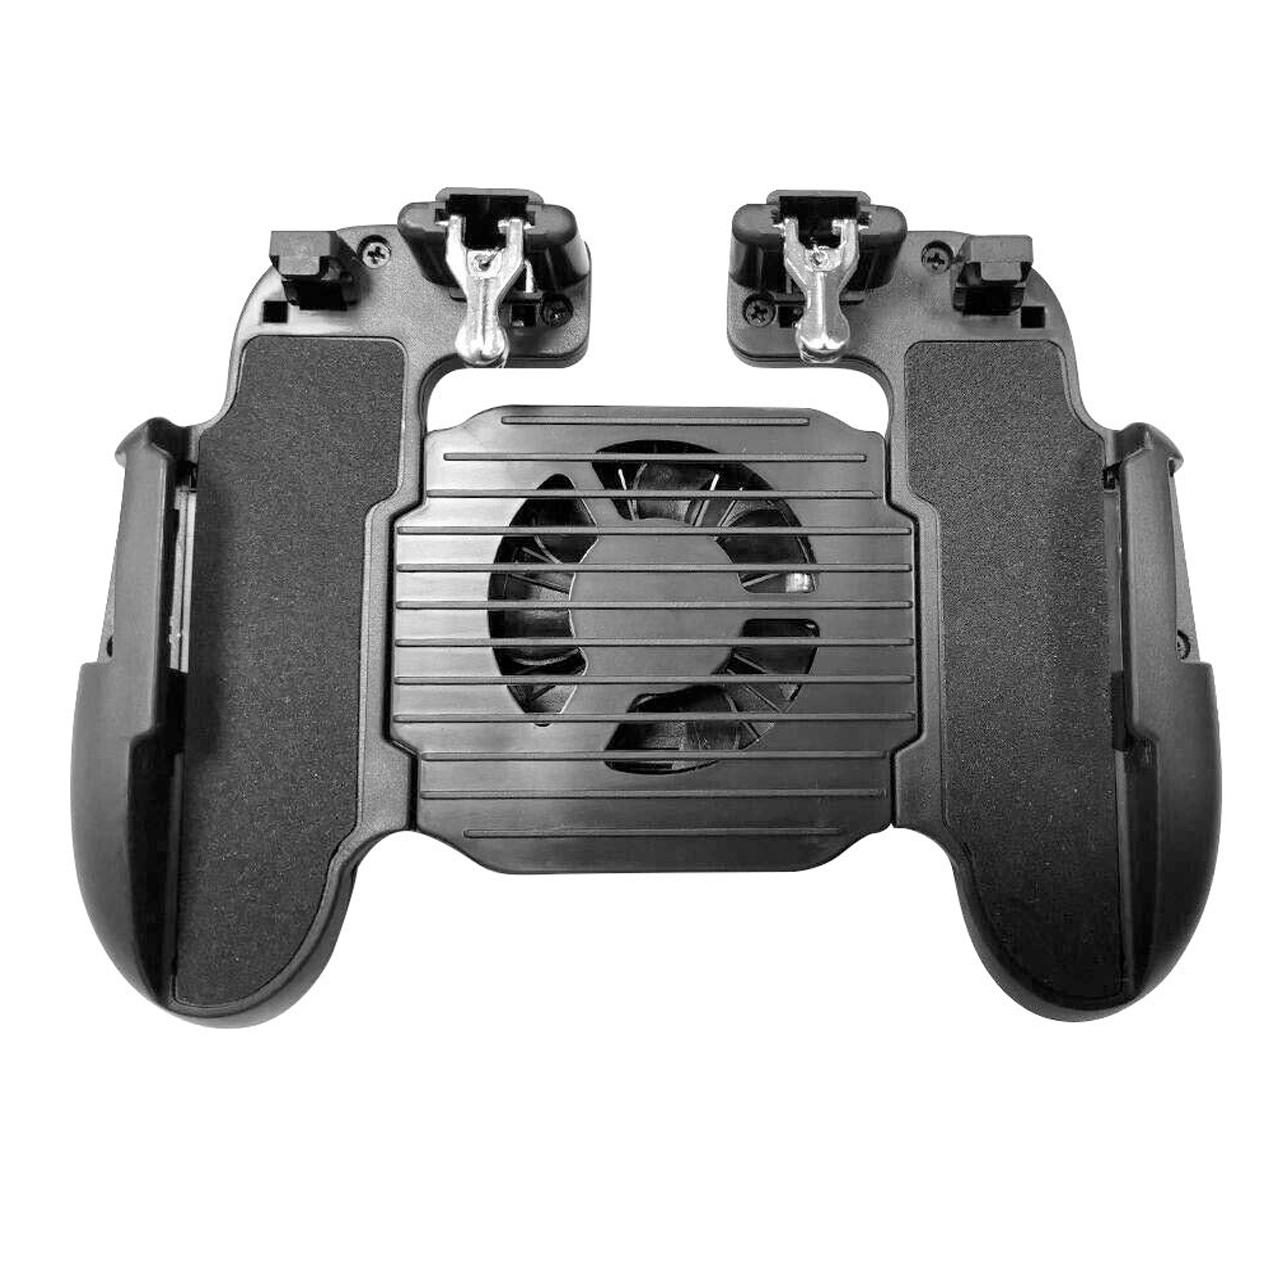 دسته بازی pubg مدل H5